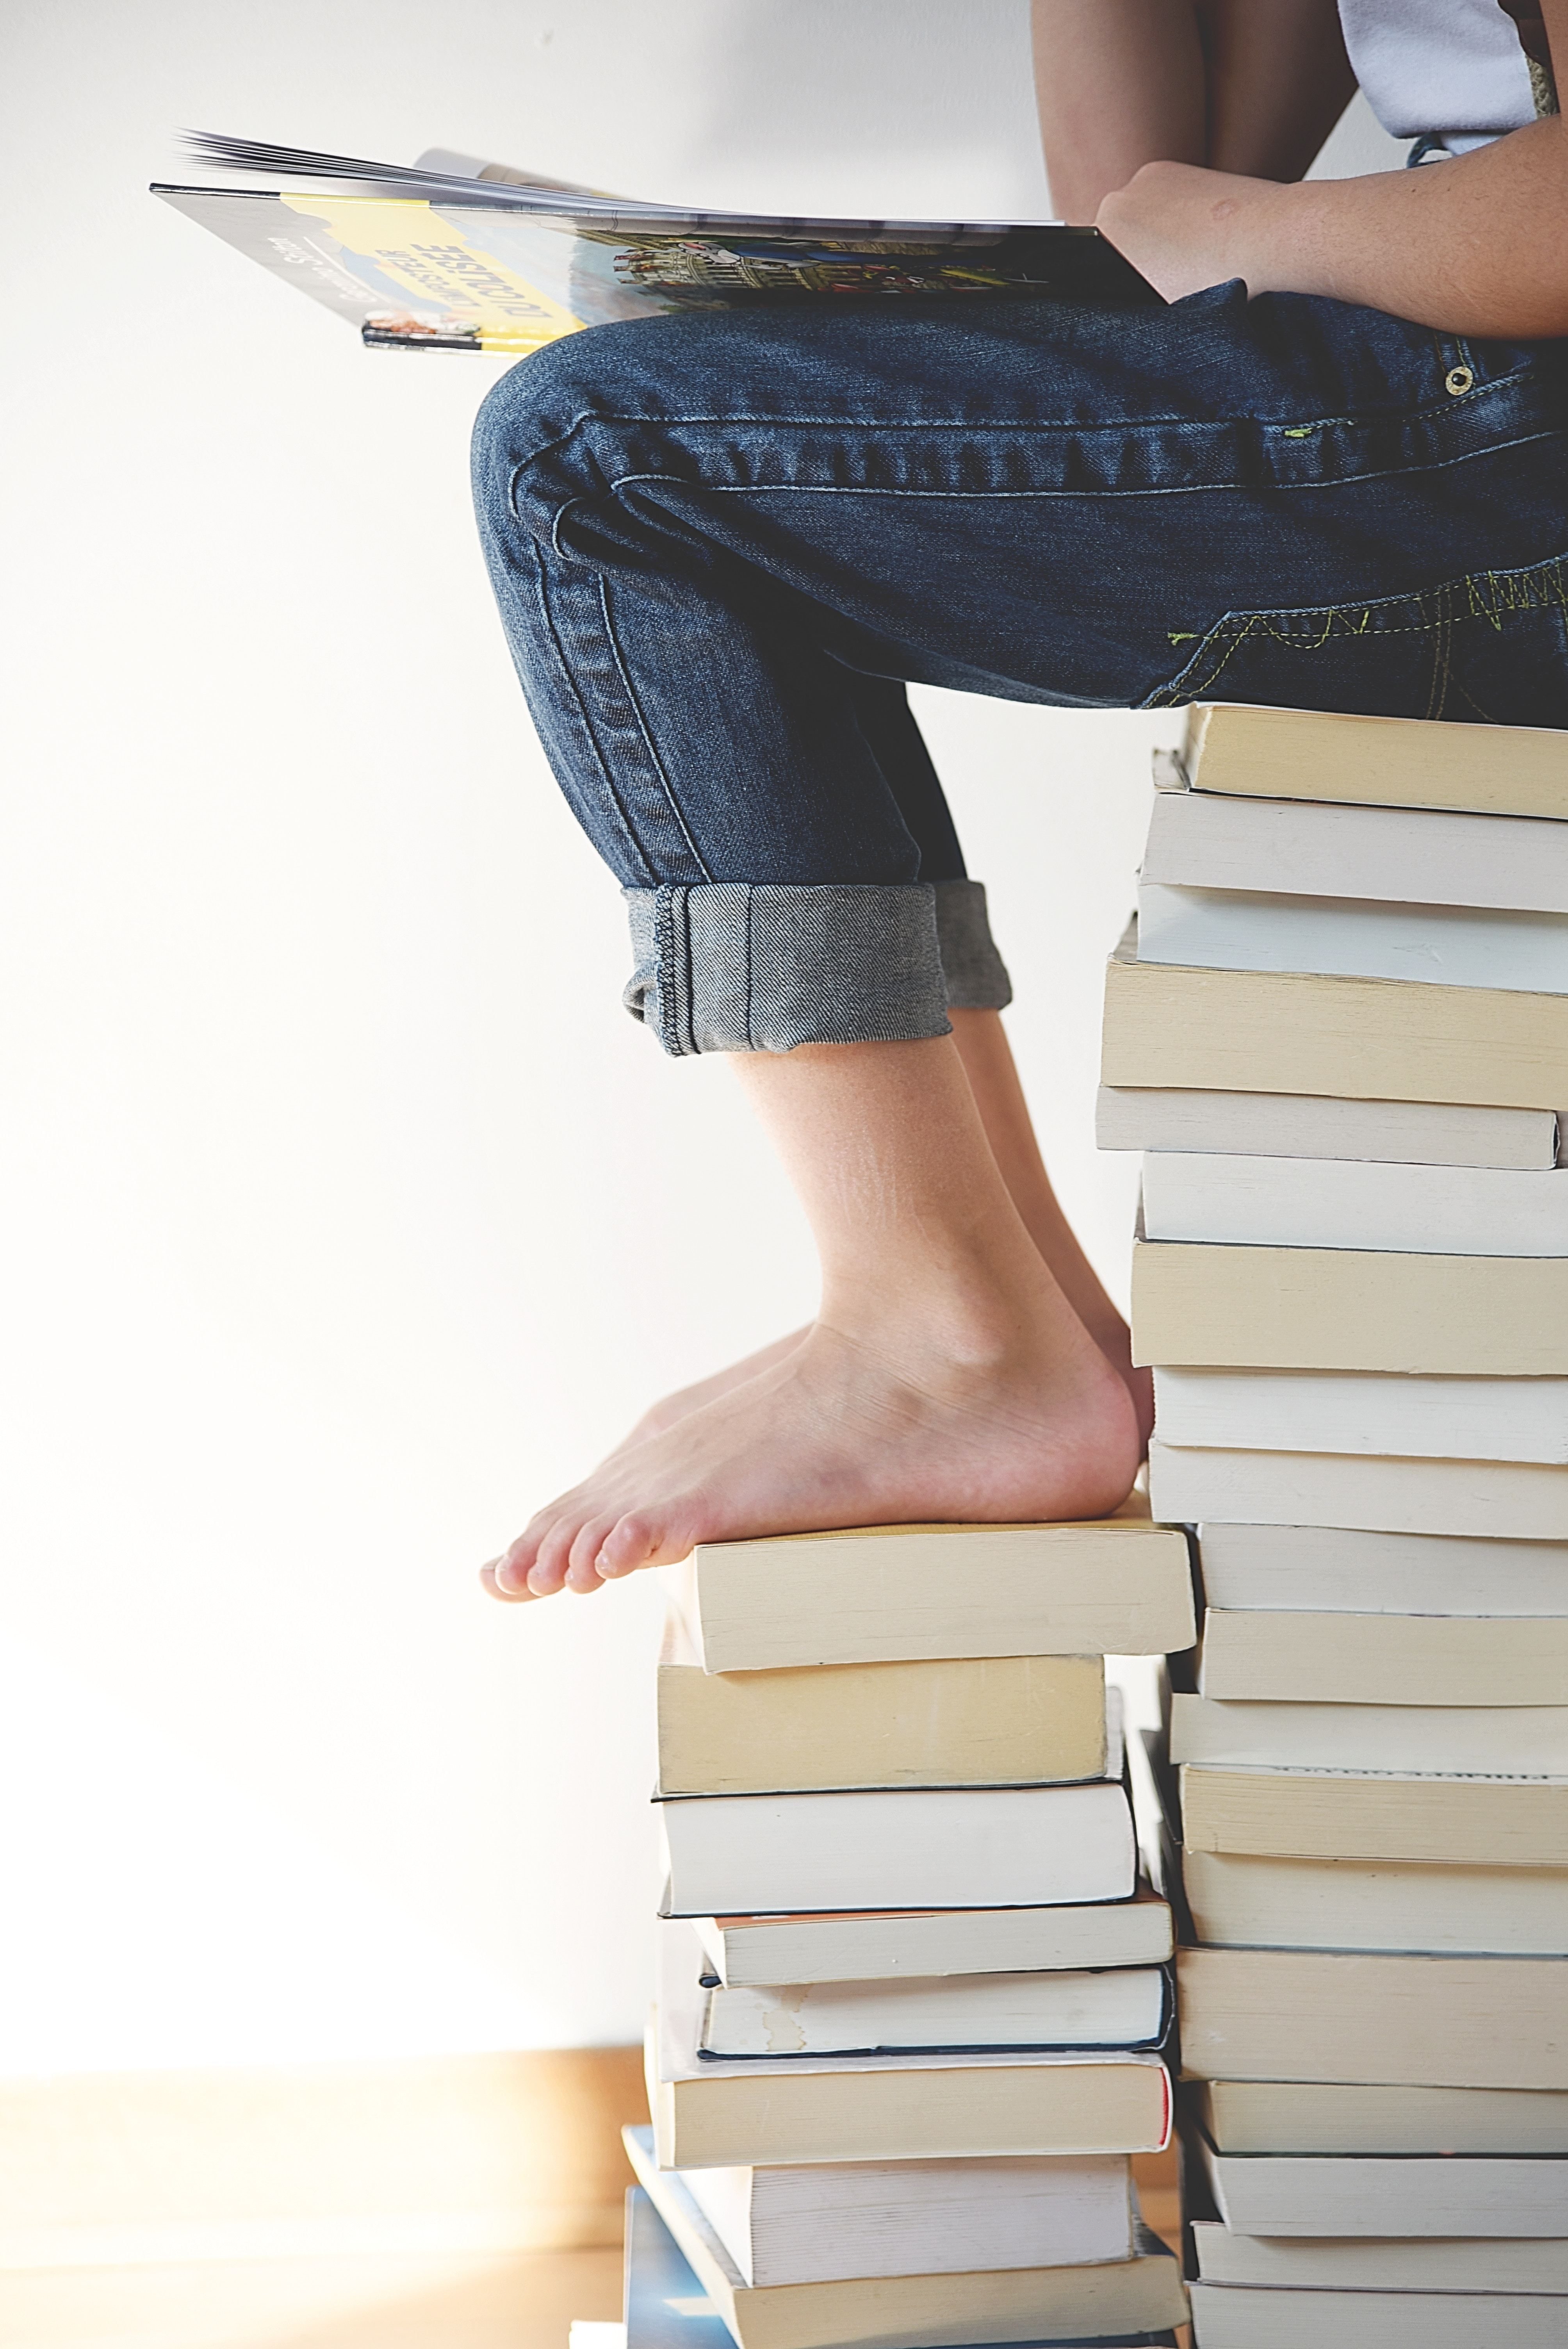 Po co czytać książki? - Co na to Natorscy